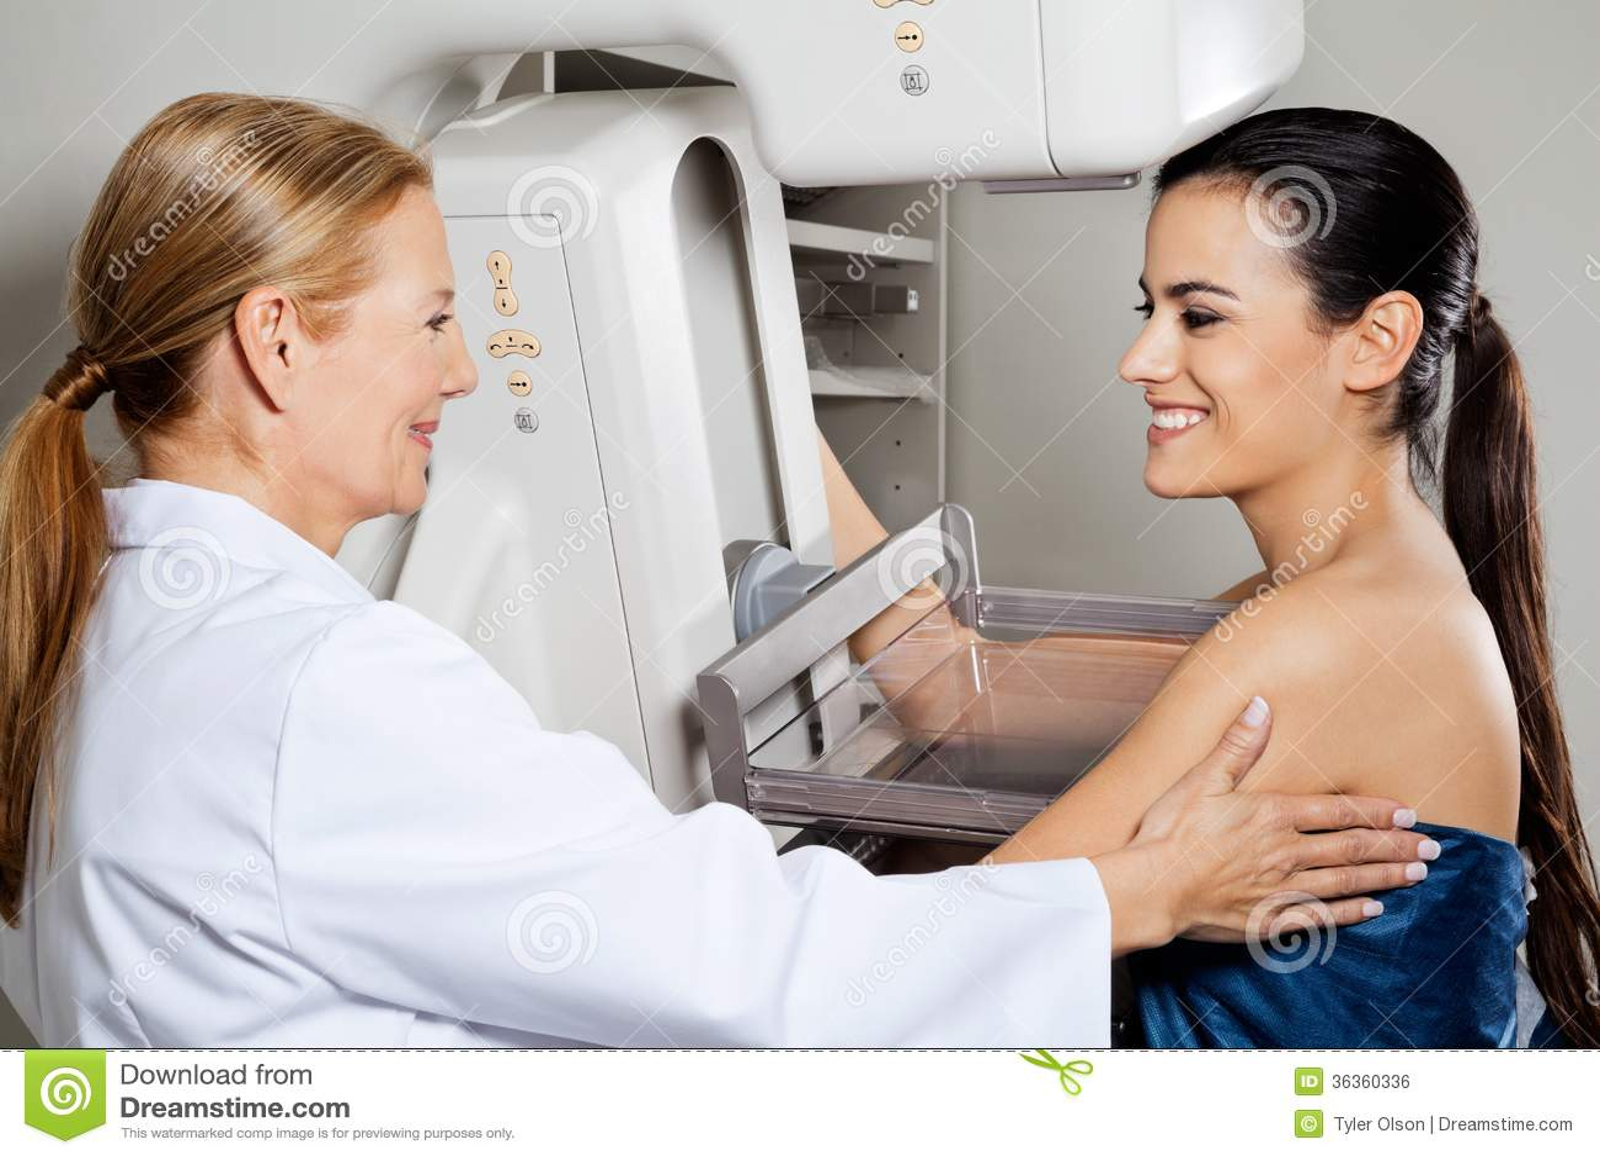 Teste do raio X do mamograma do doutor With Patient Getting